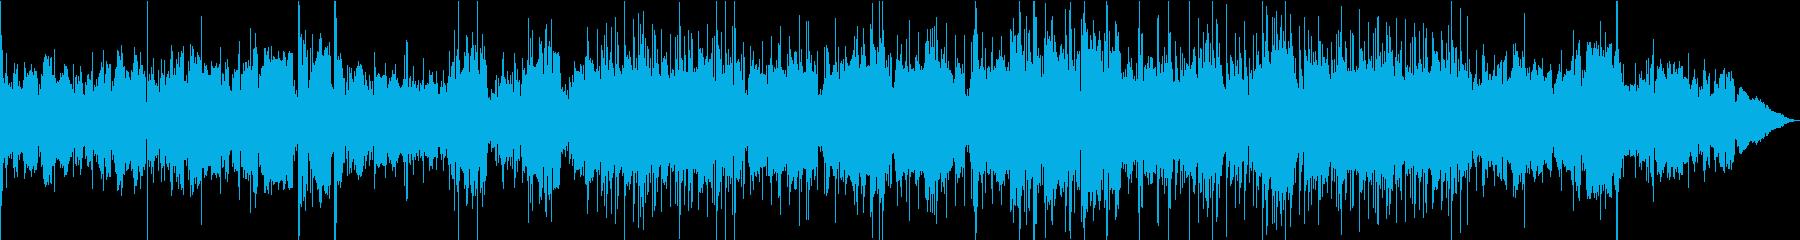 二胡が奏でるシルクロード、中華ポップスの再生済みの波形